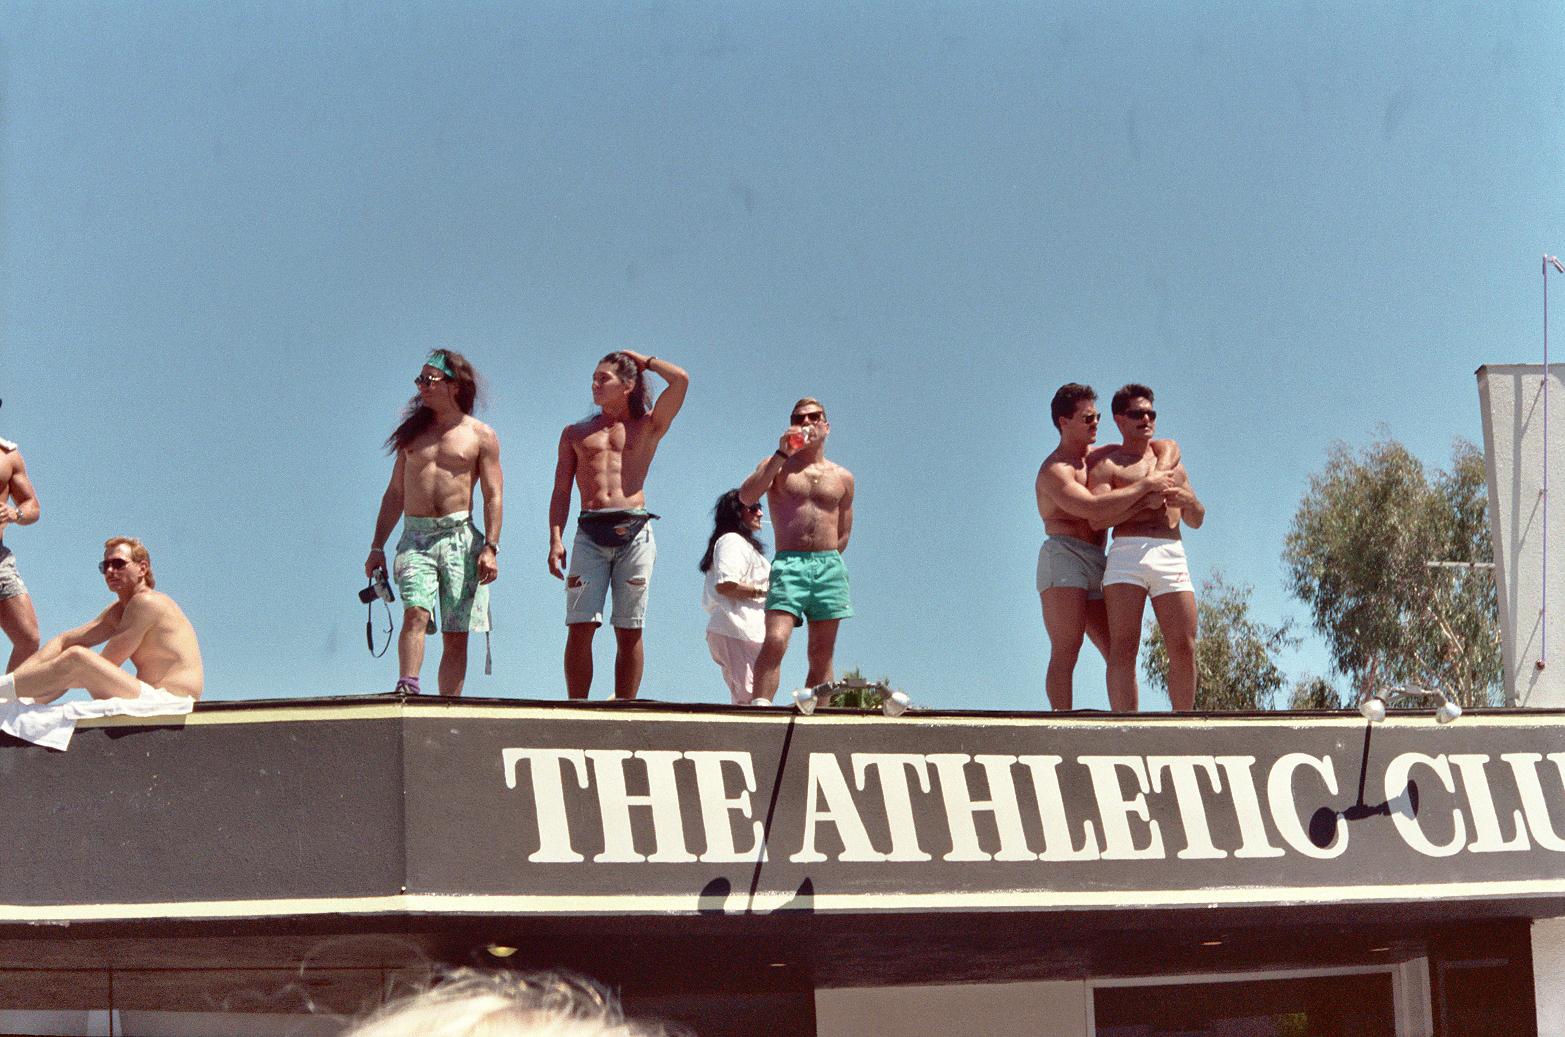 la-pride-1987-1995_21688020794_o